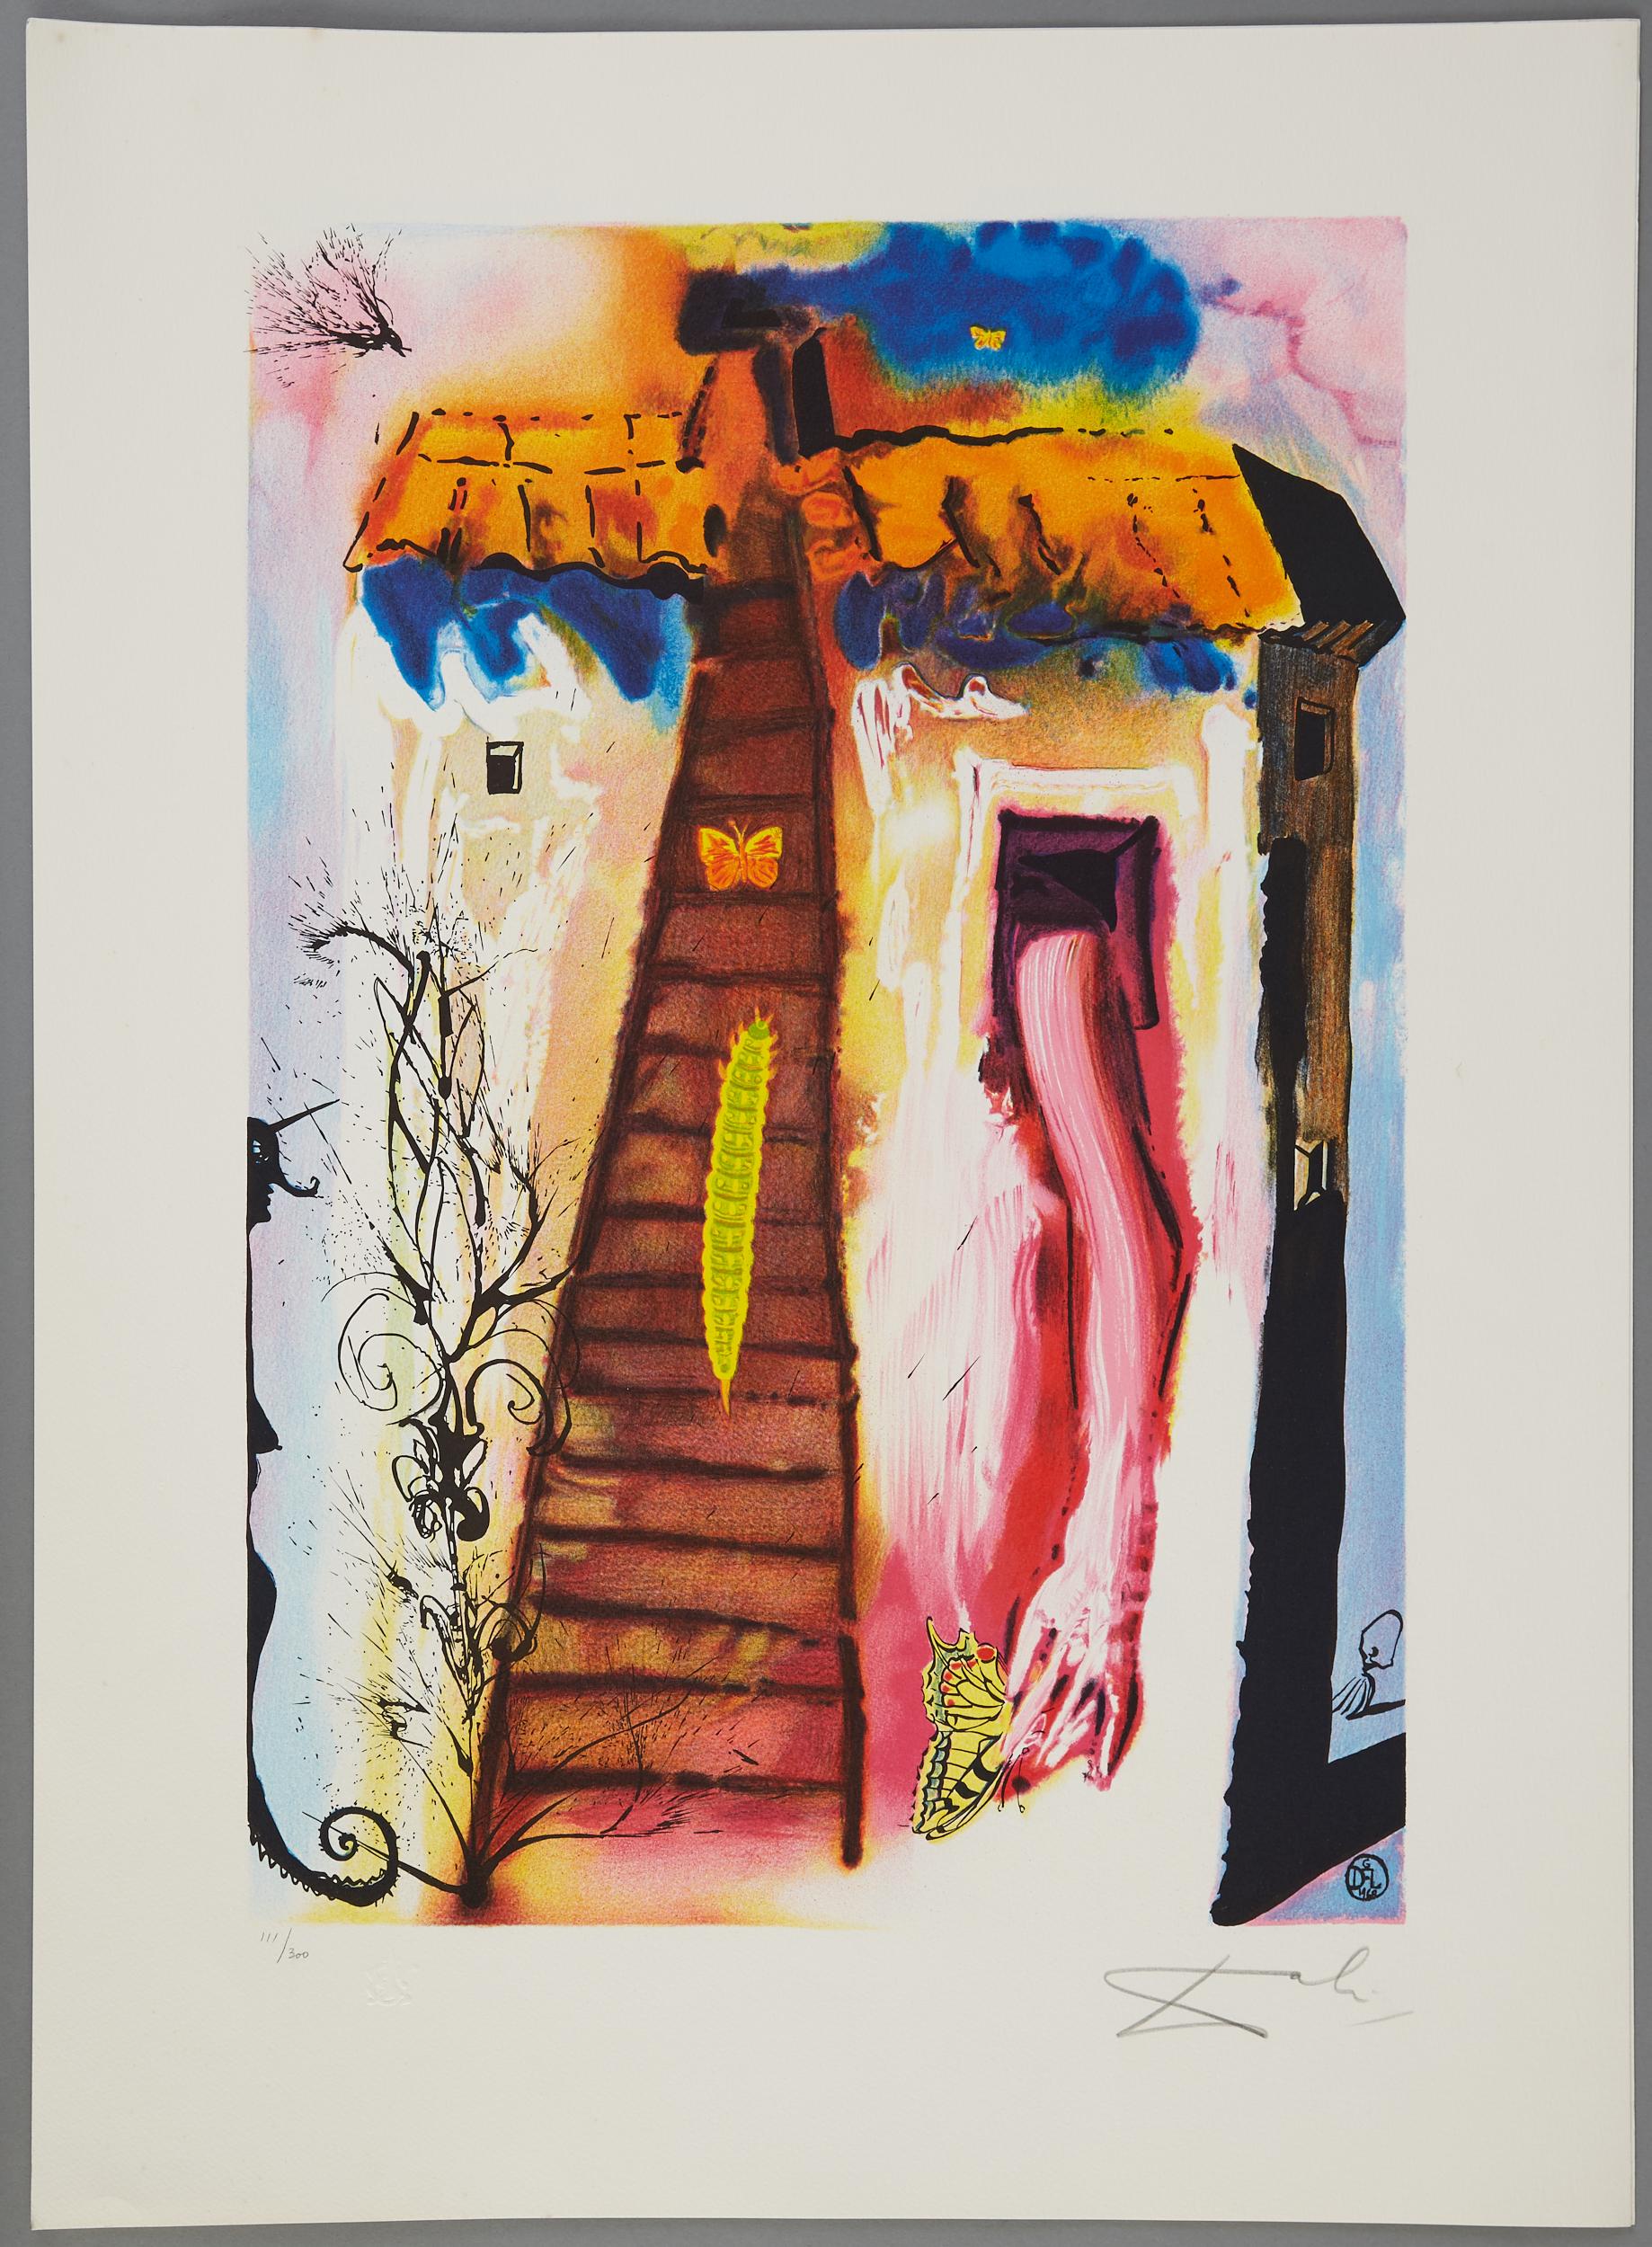 Lot 47 - 4 After Salvador Dali Alice in Wonderland Lithographs